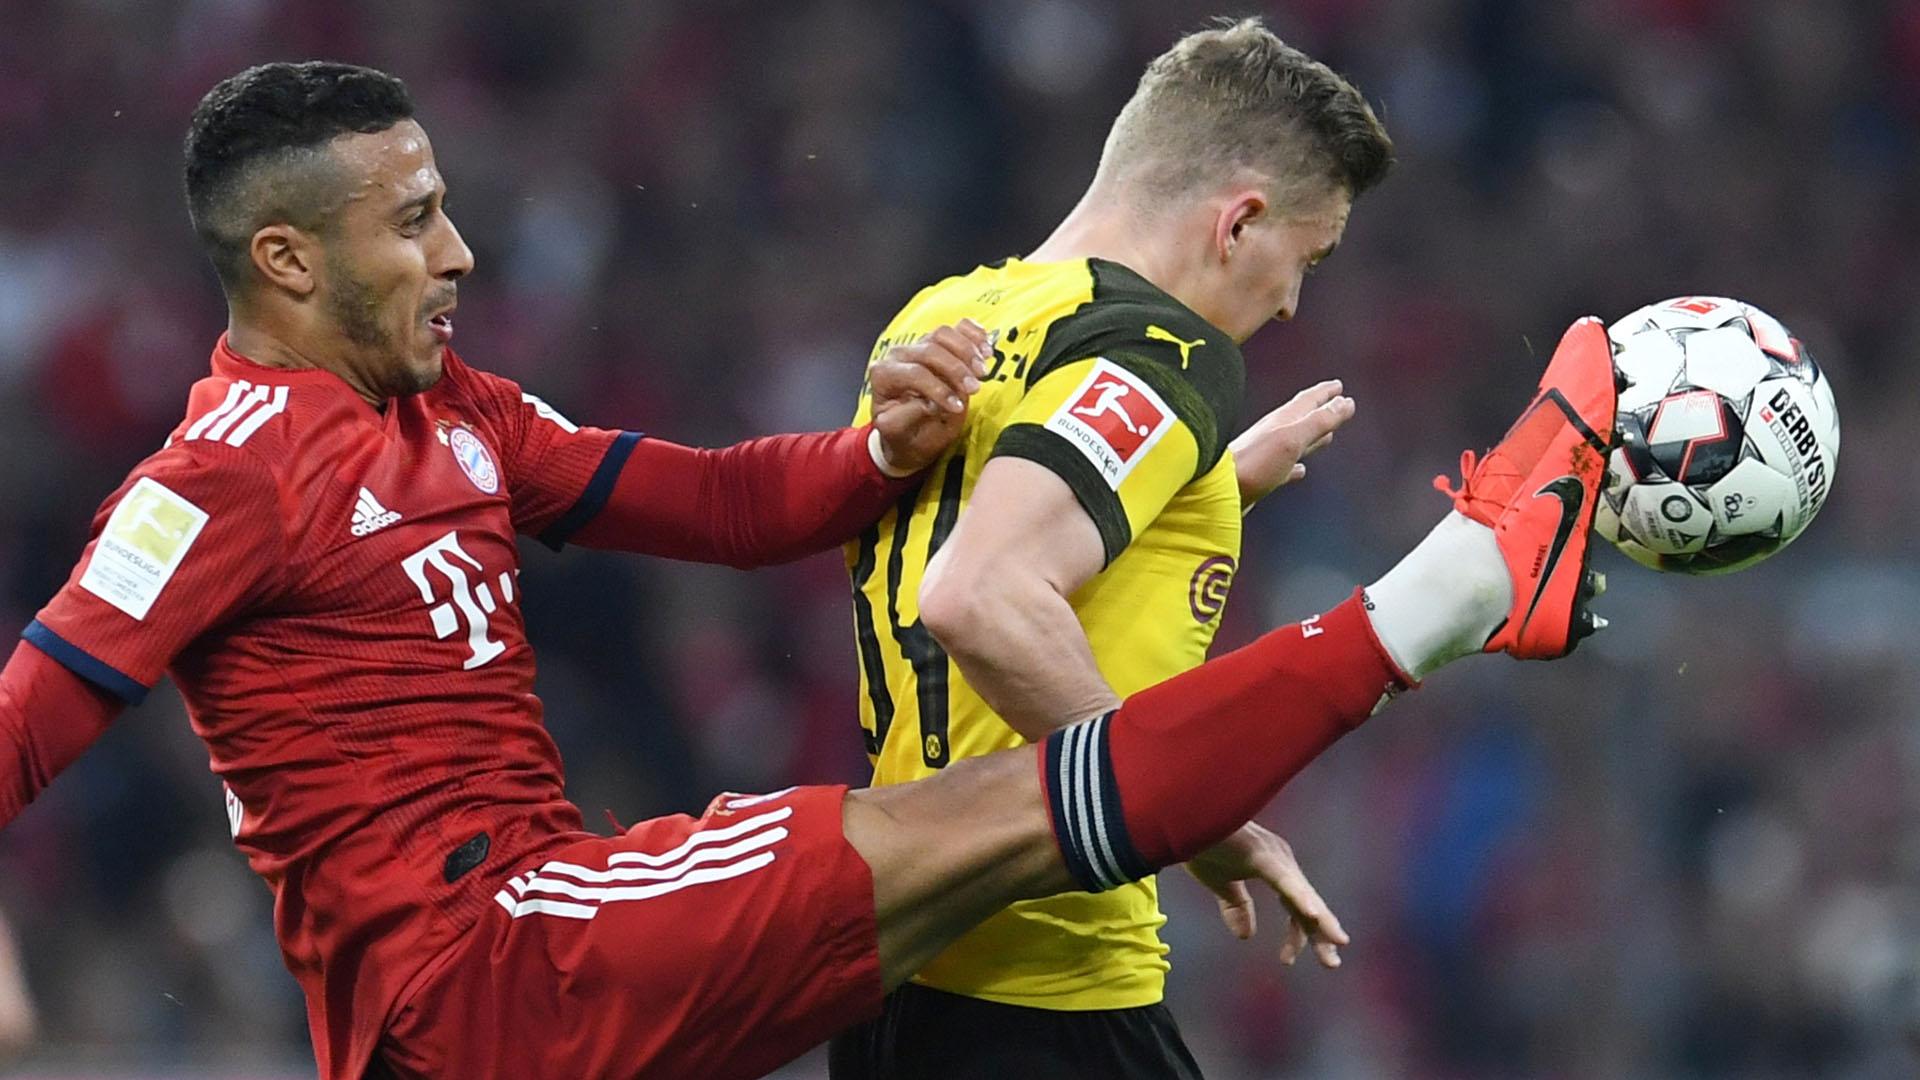 Thiago y Jacob Bruun Larsen pelean por el balón en 'Der Klassiker' (REUTERS)